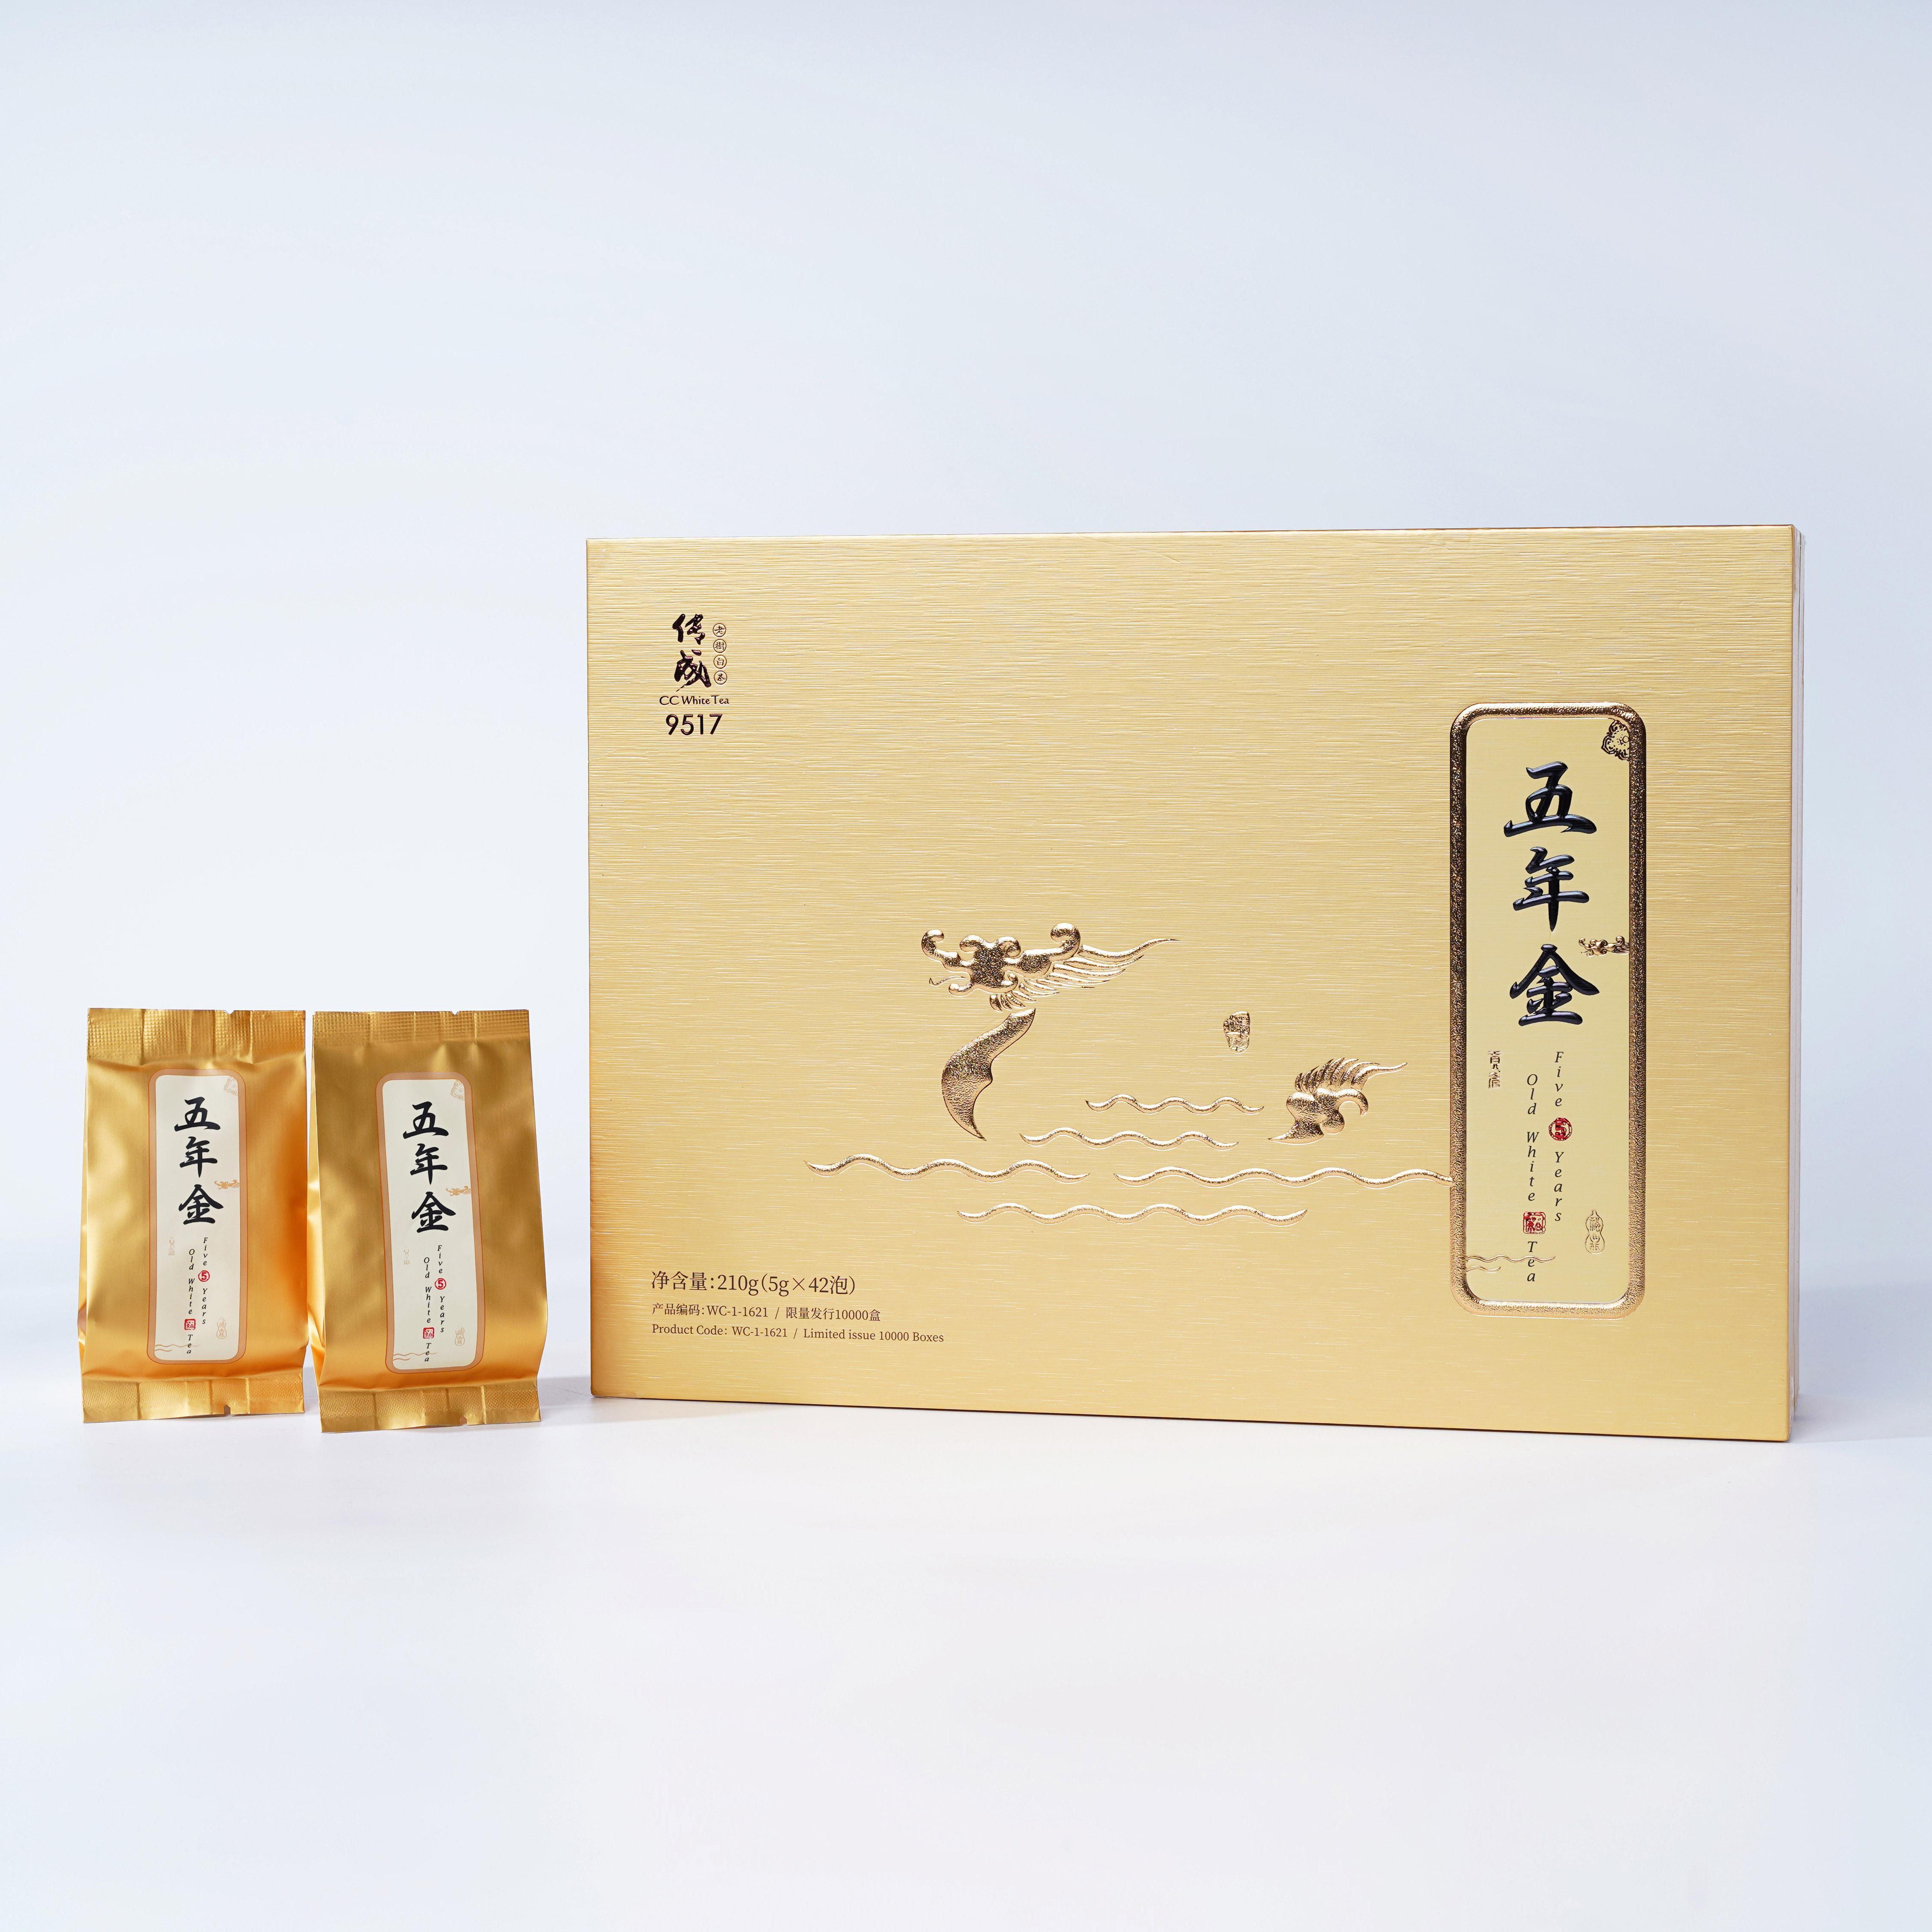 傳成老樹白茶9517(21)